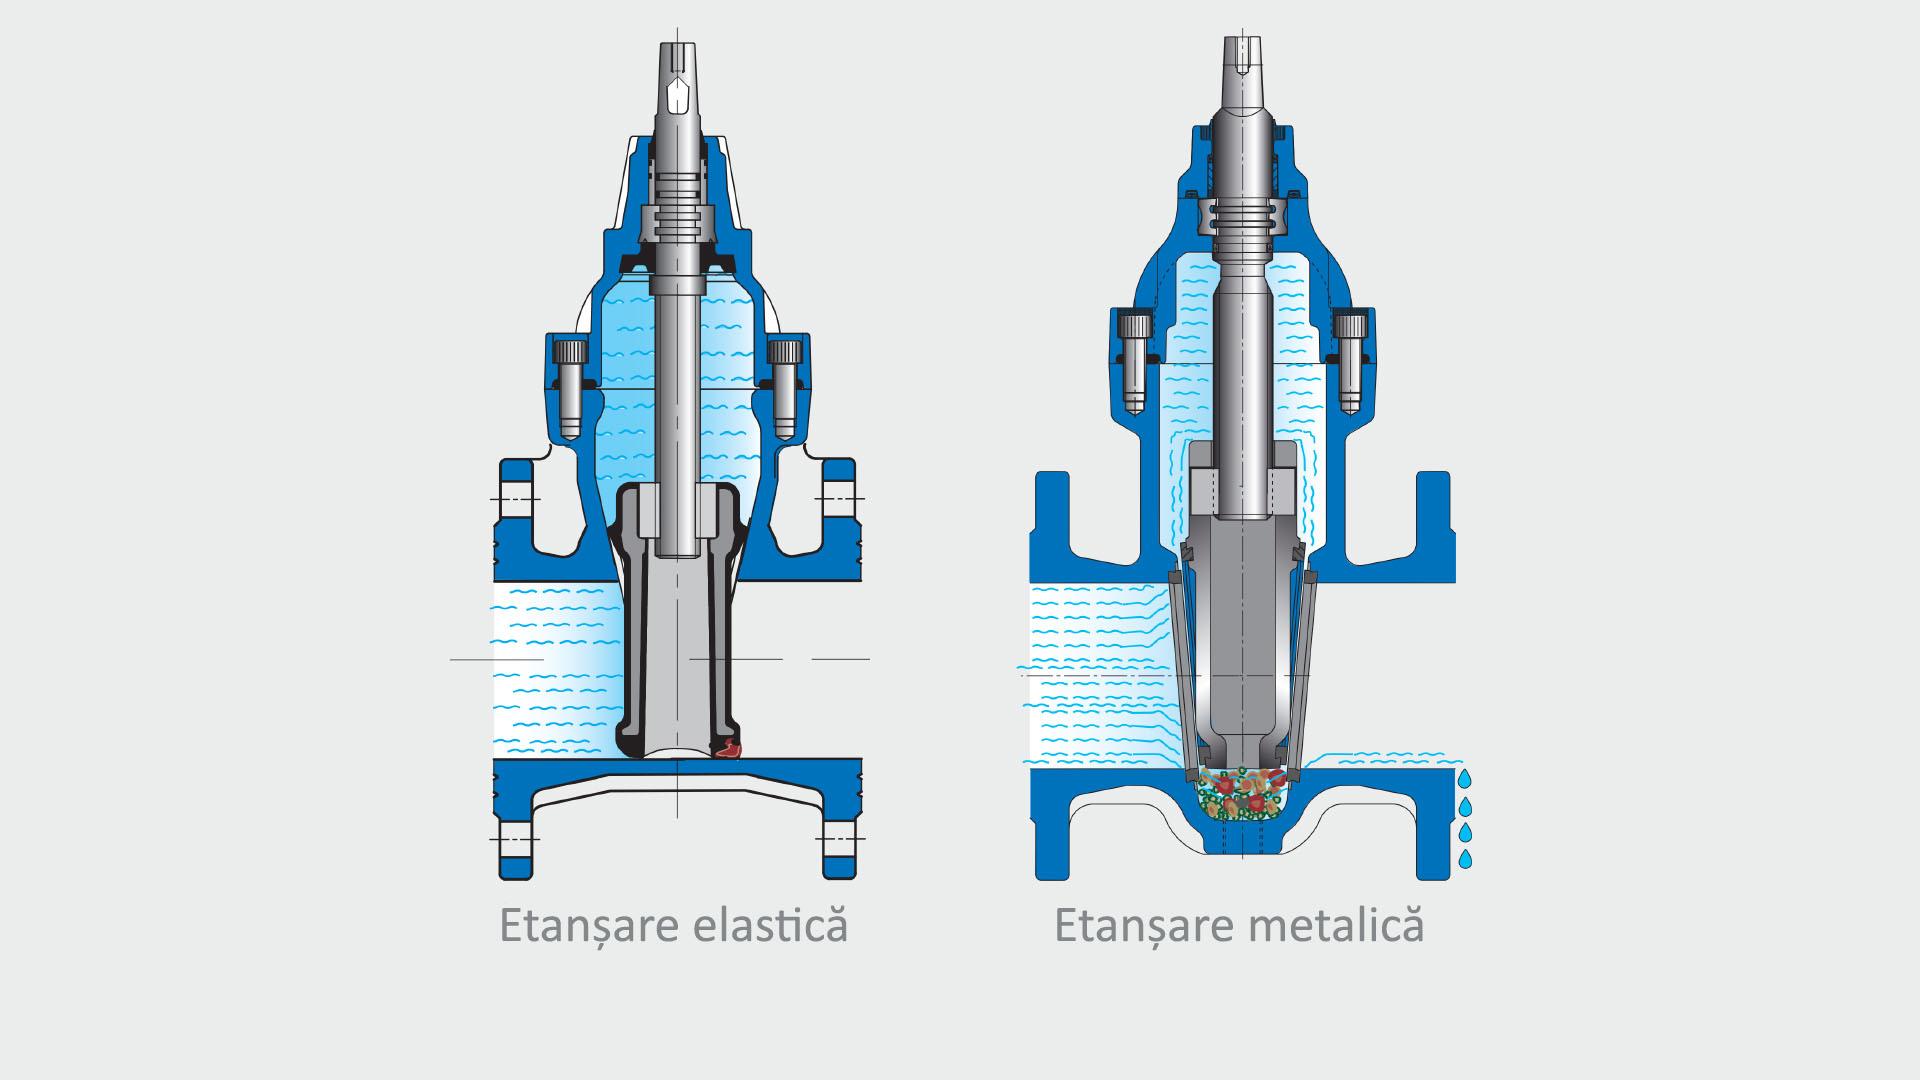 Vane cu etanșare elastică vs. vane cu etanșare metalică